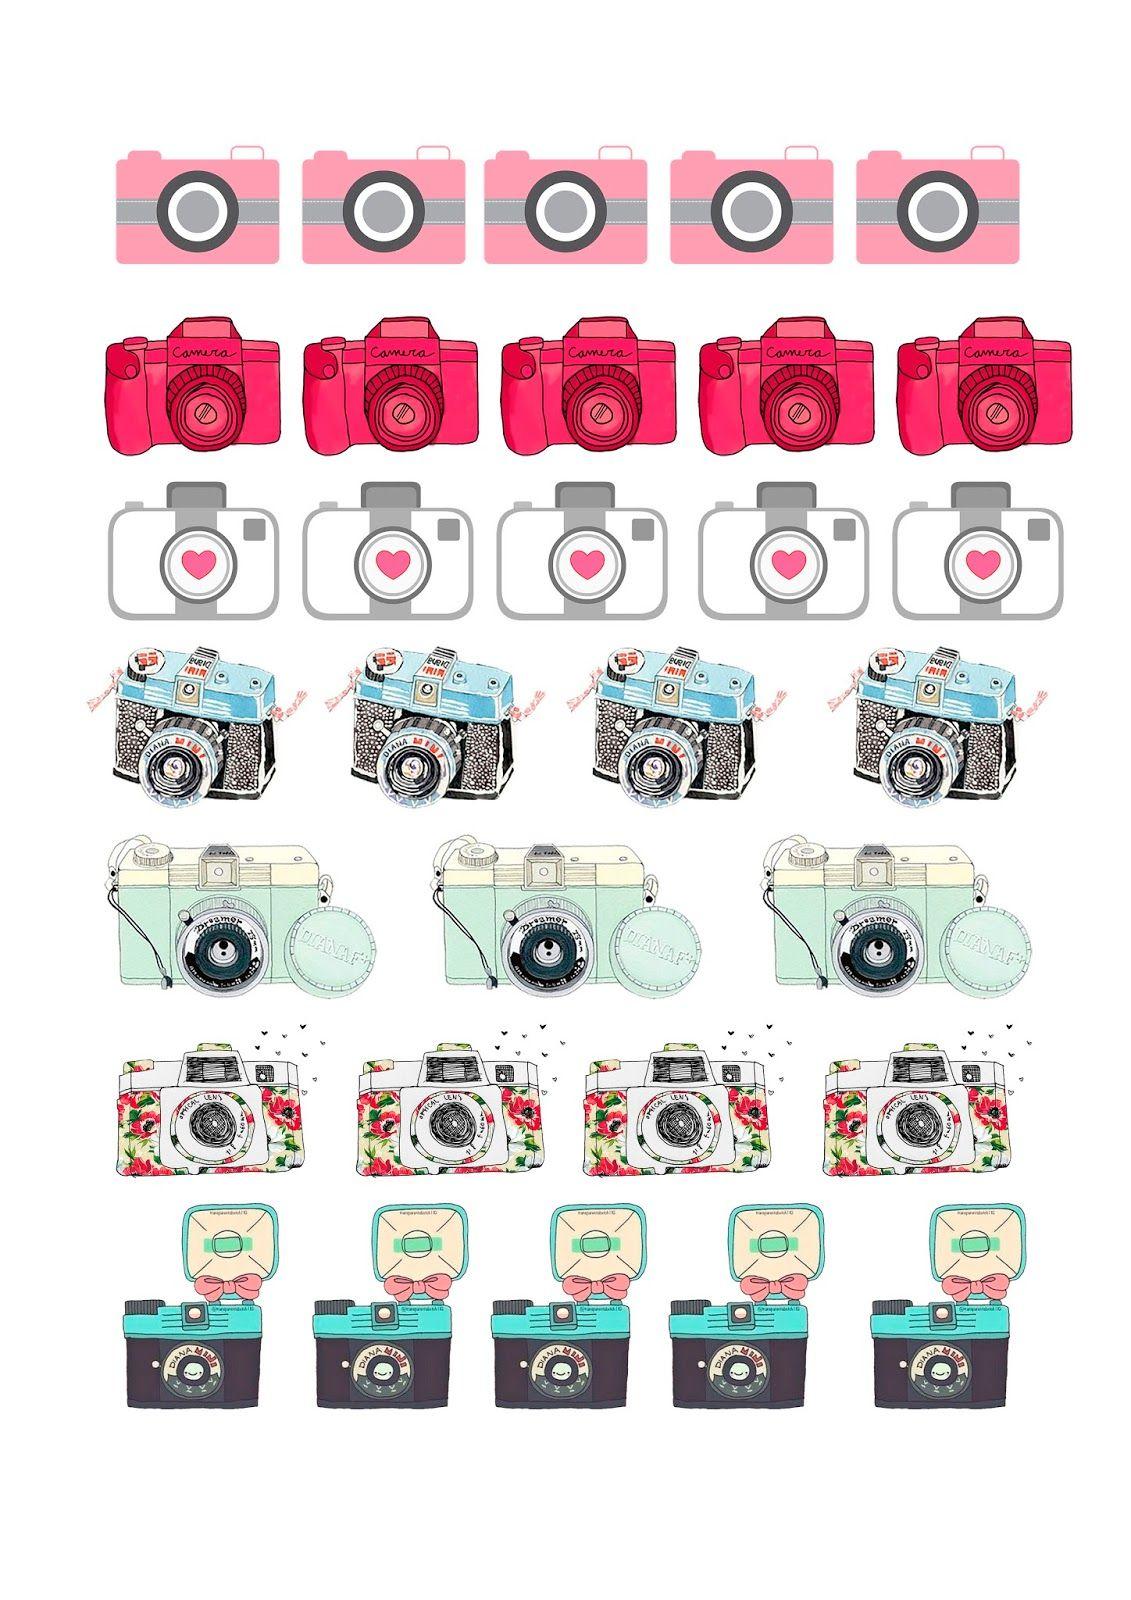 Hola De Nuevo Esto De Hacer Cosas Con Photoshop Es Un Vicio Plantillas Imprimibles Planificador Imprimible Gratis Pegatinas Para Imprimir Gratis